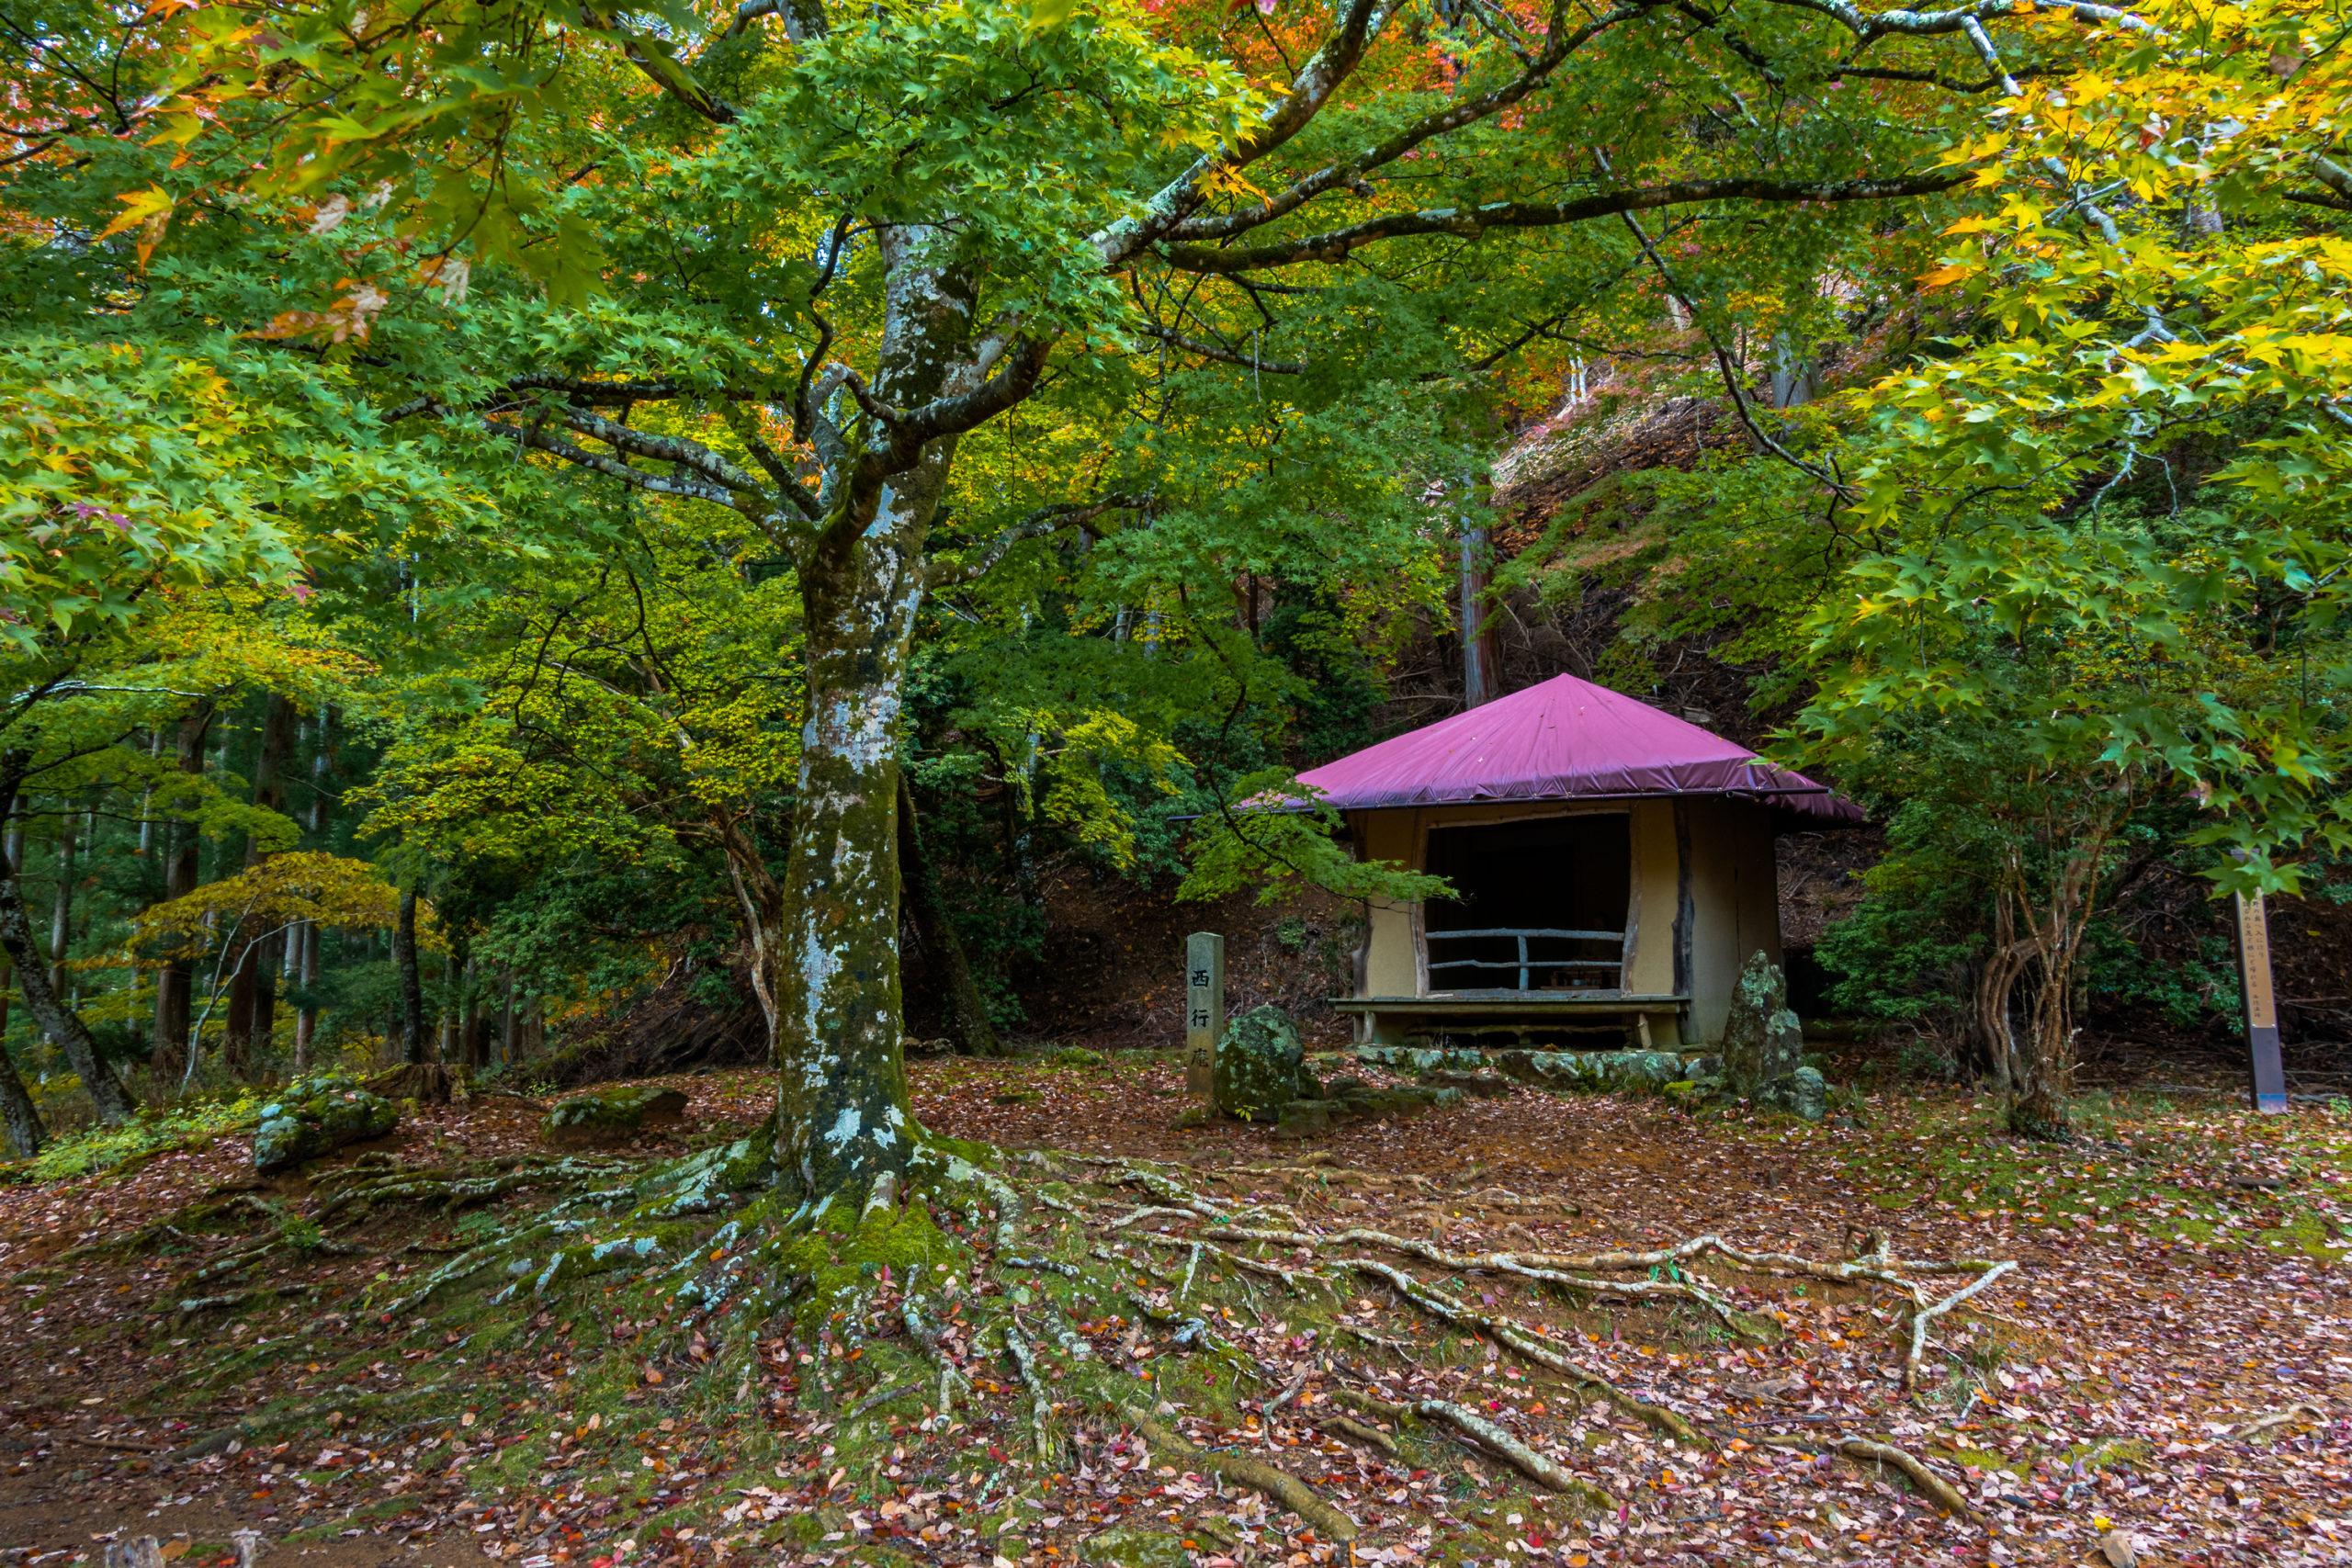 DSC00041-scaled 奈良県  吉野山(山が紅葉に染まる秋におすすめの絶景スポット! 撮影した写真の紹介、アクセス情報や駐車場情報など)